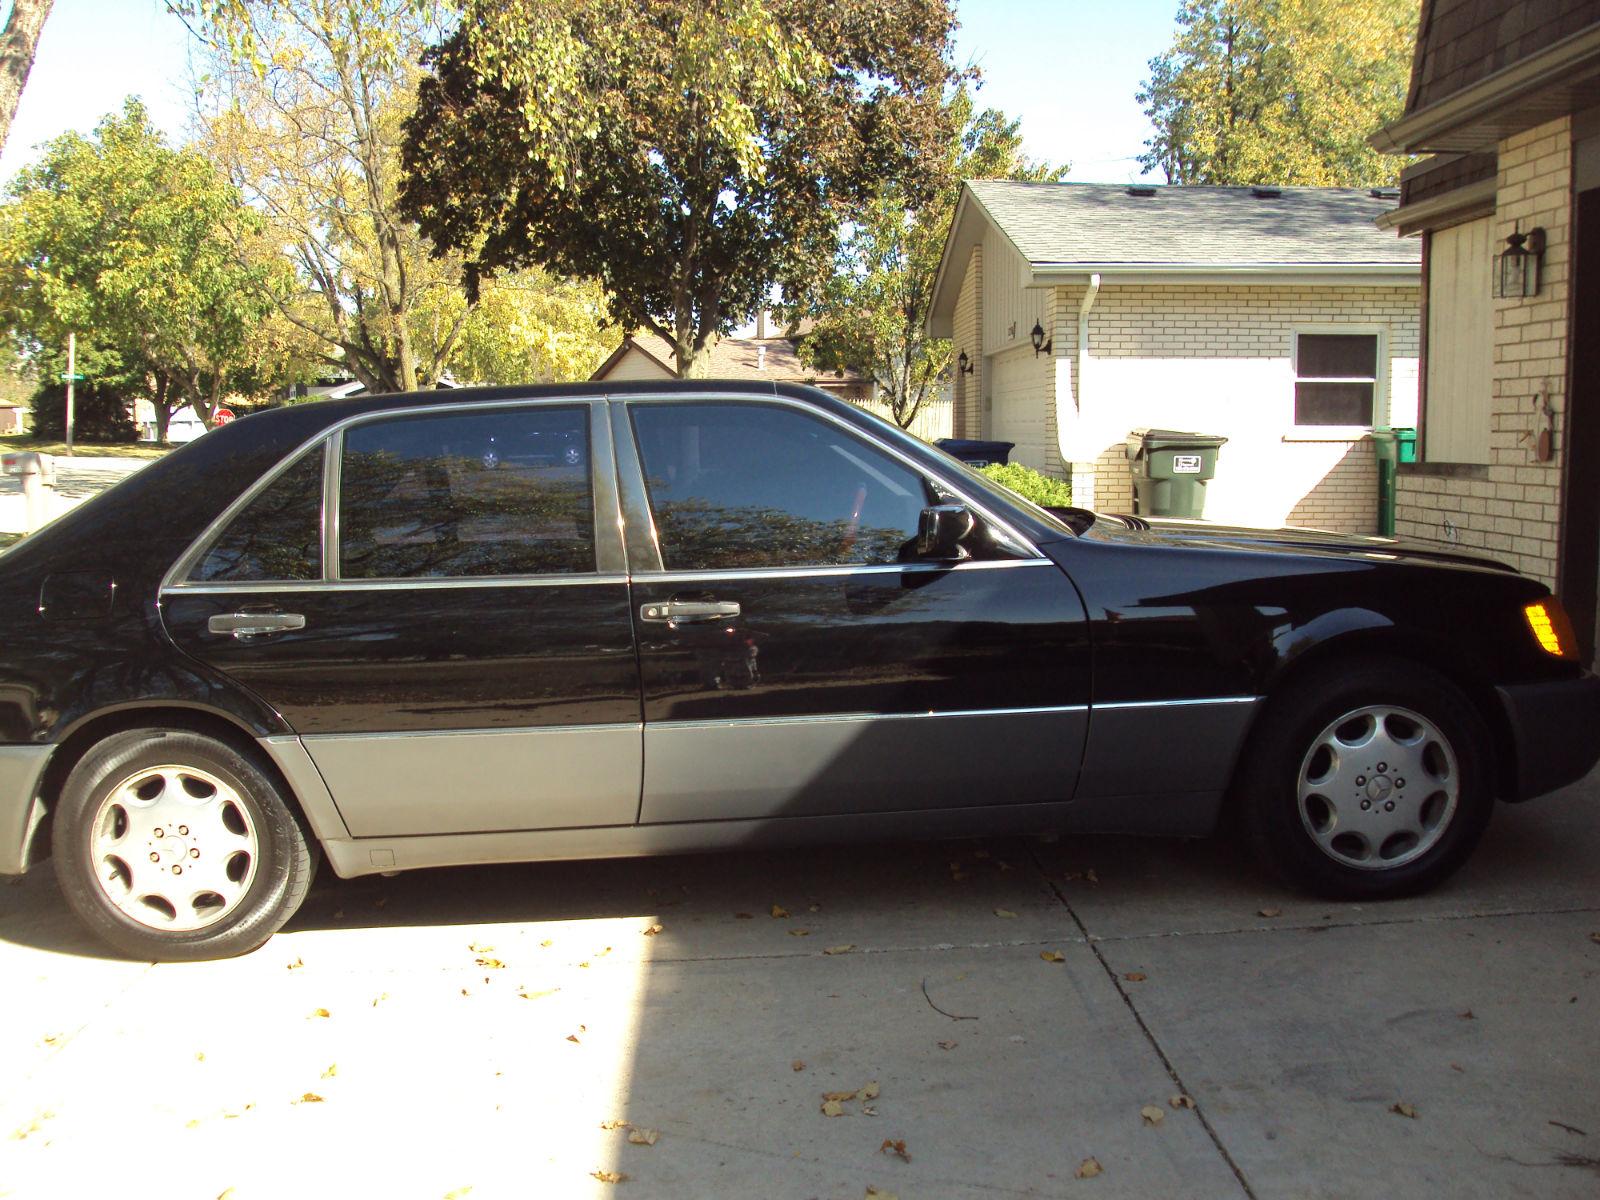 1993 mercedes benz 500 class image 10 for 1993 mercedes benz 500 class